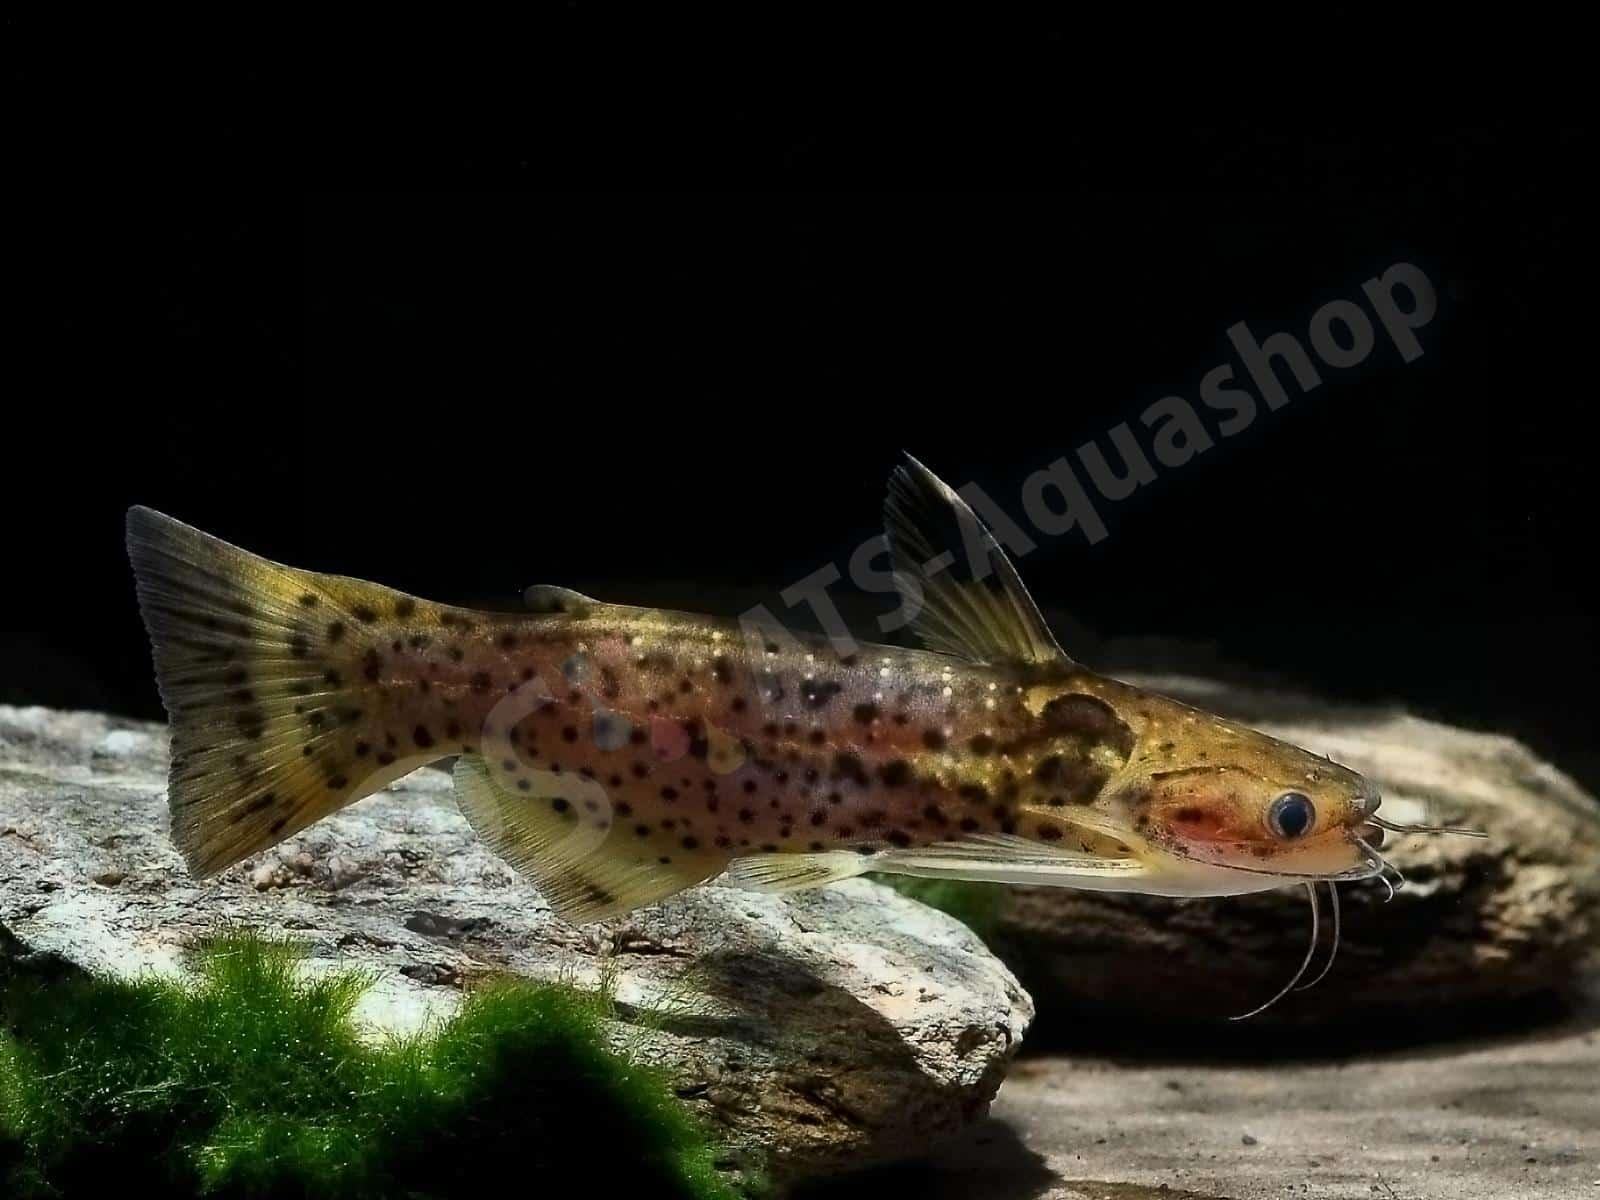 auchenipterichtys punctatus enrico richter 0084 7